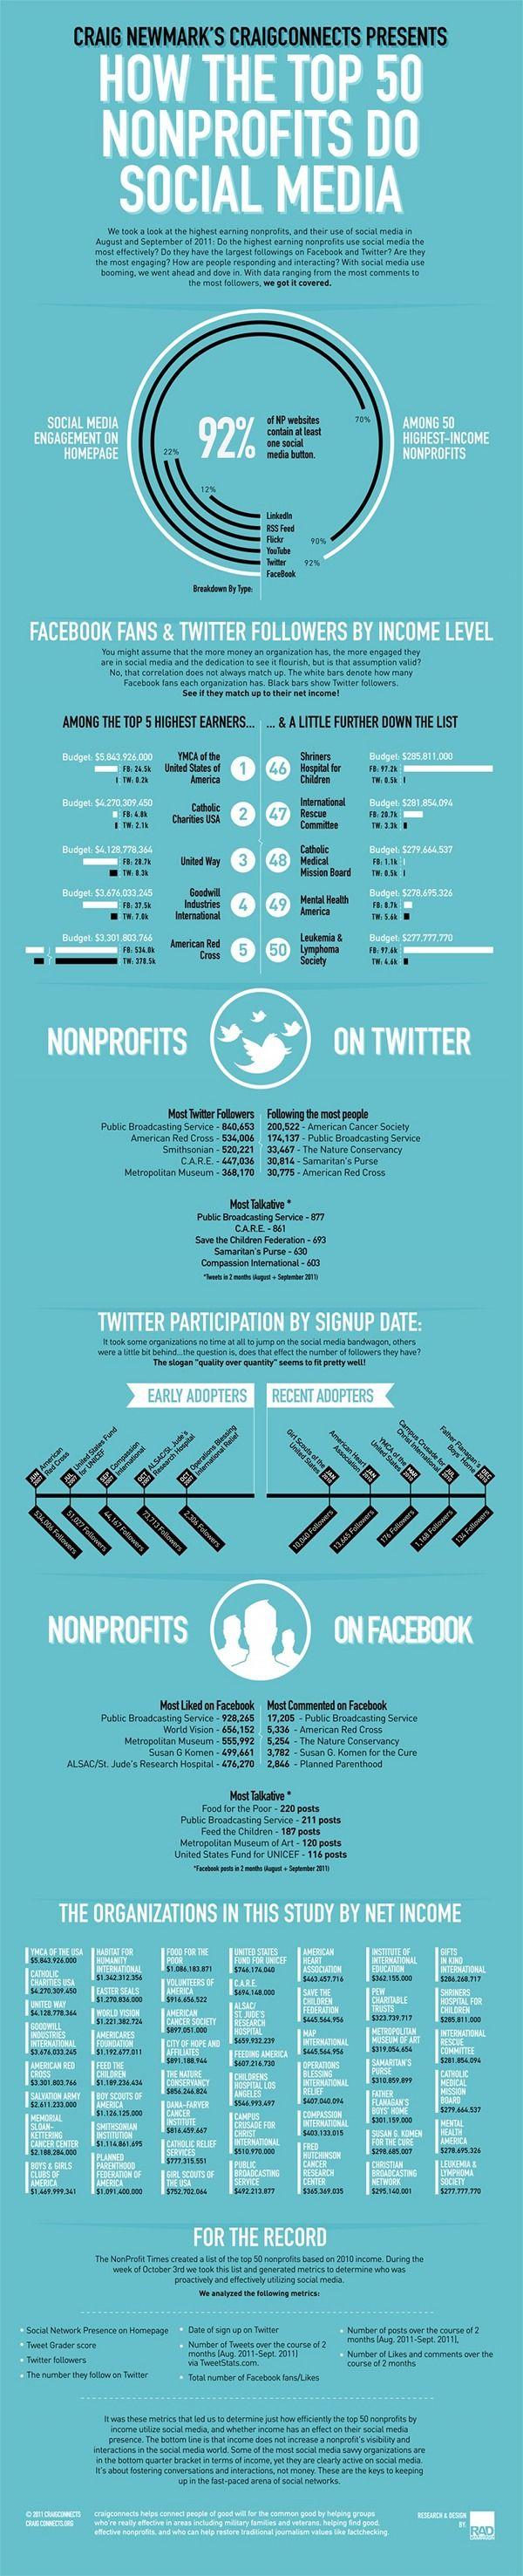 nonprofit & social media